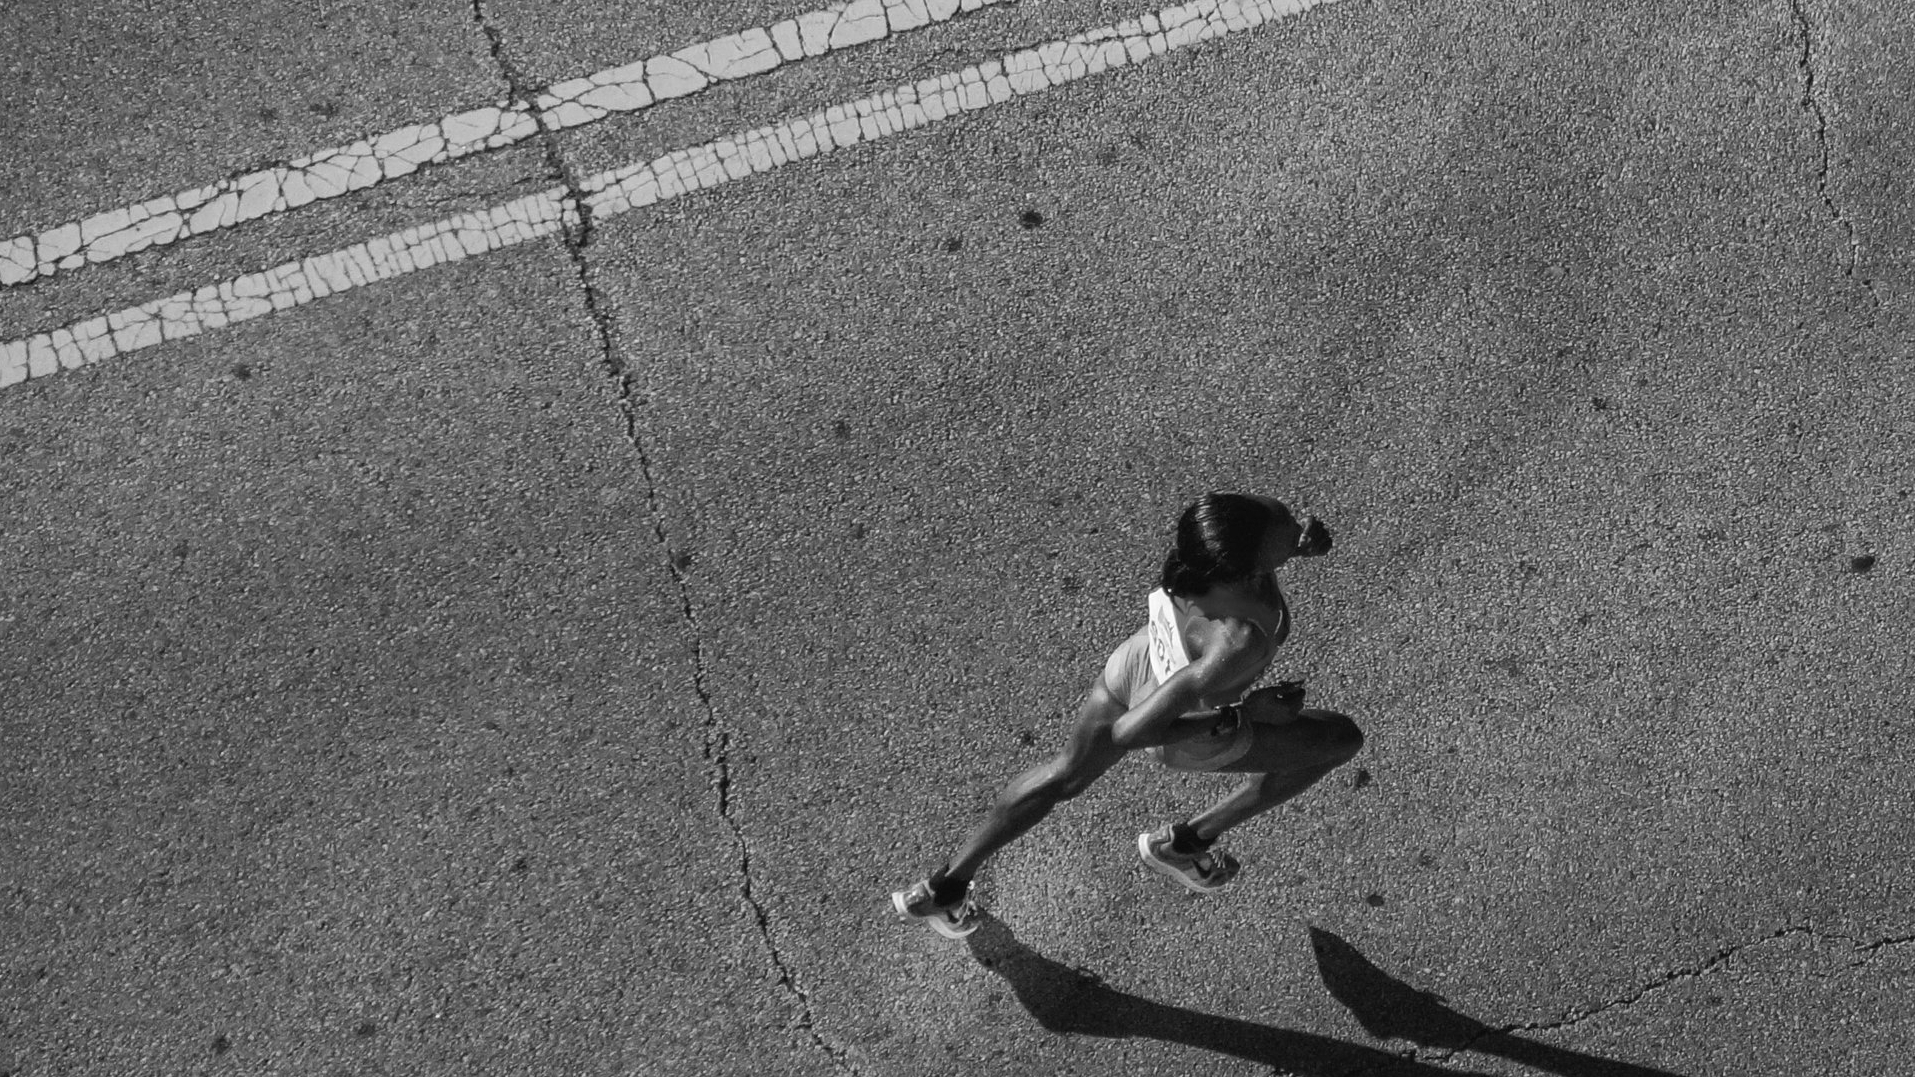 Running.modif.jpg